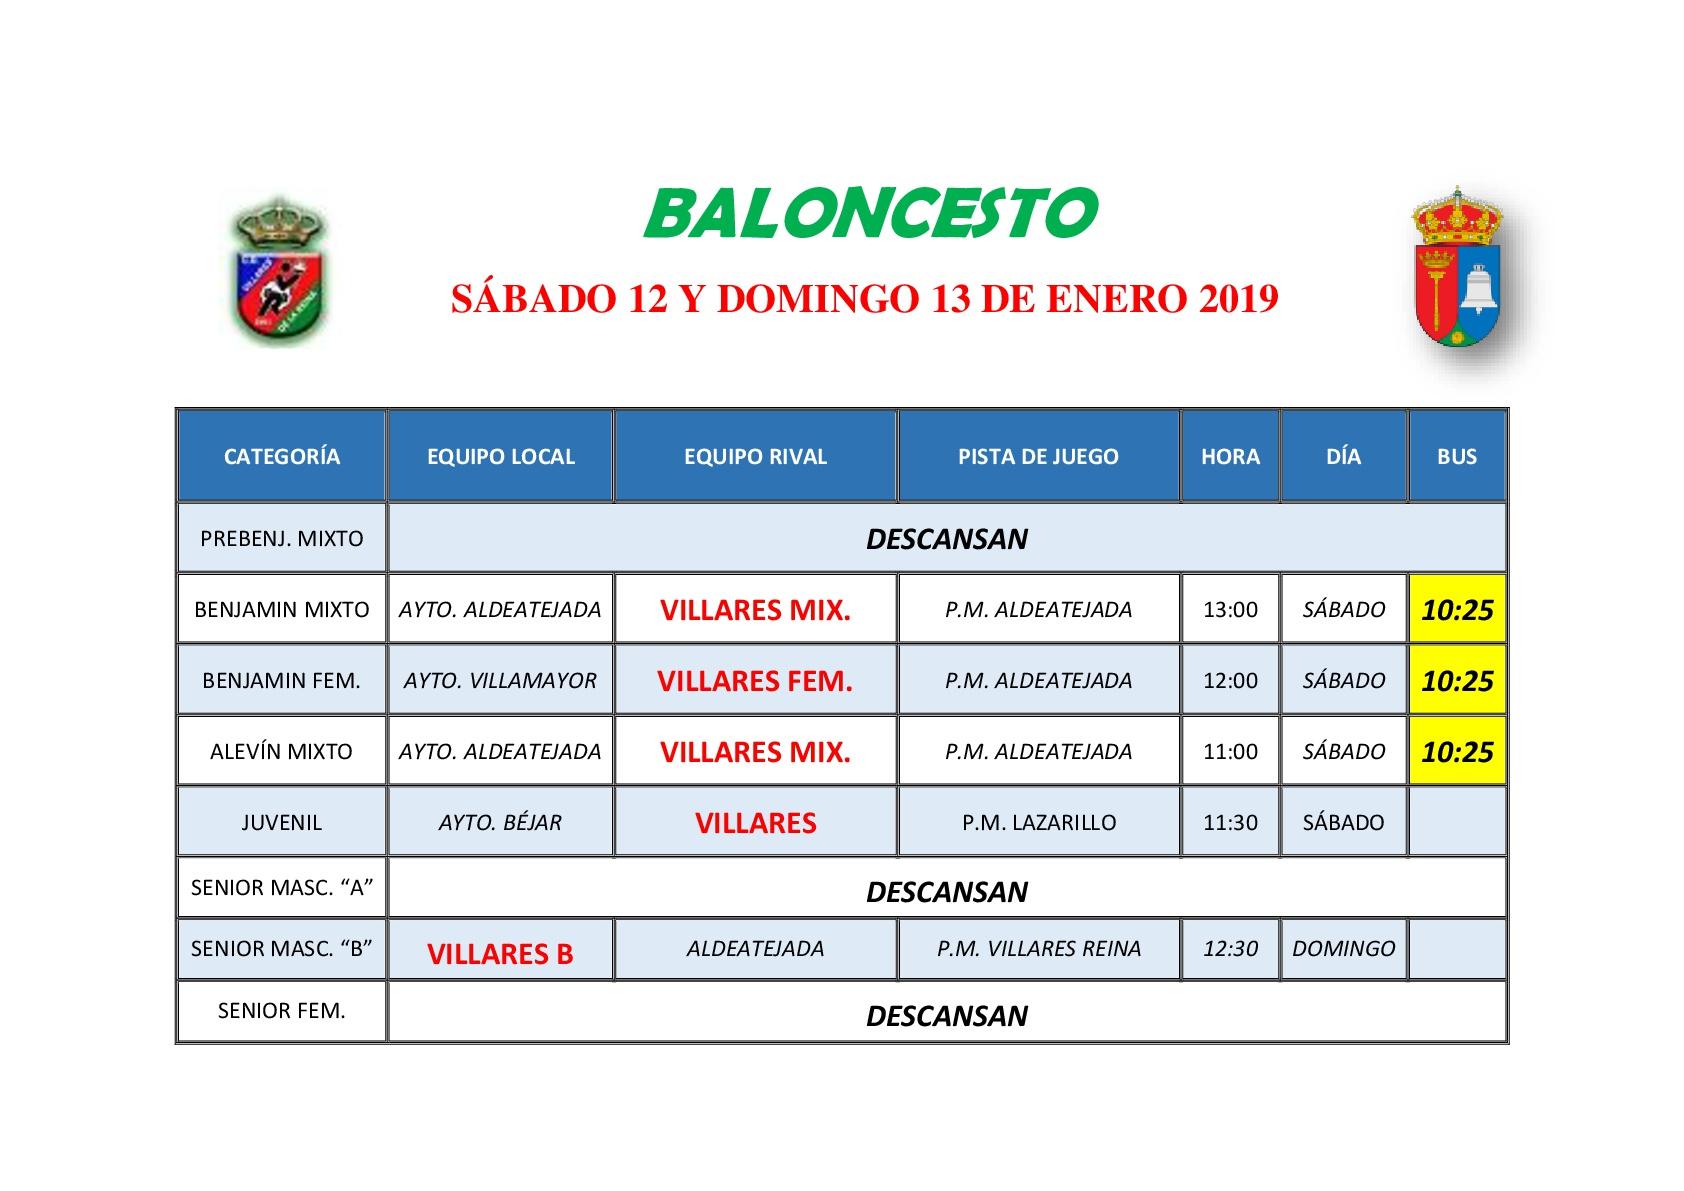 HORARIOS BALONCESTO 12 Y 13 DE ENERO 2019